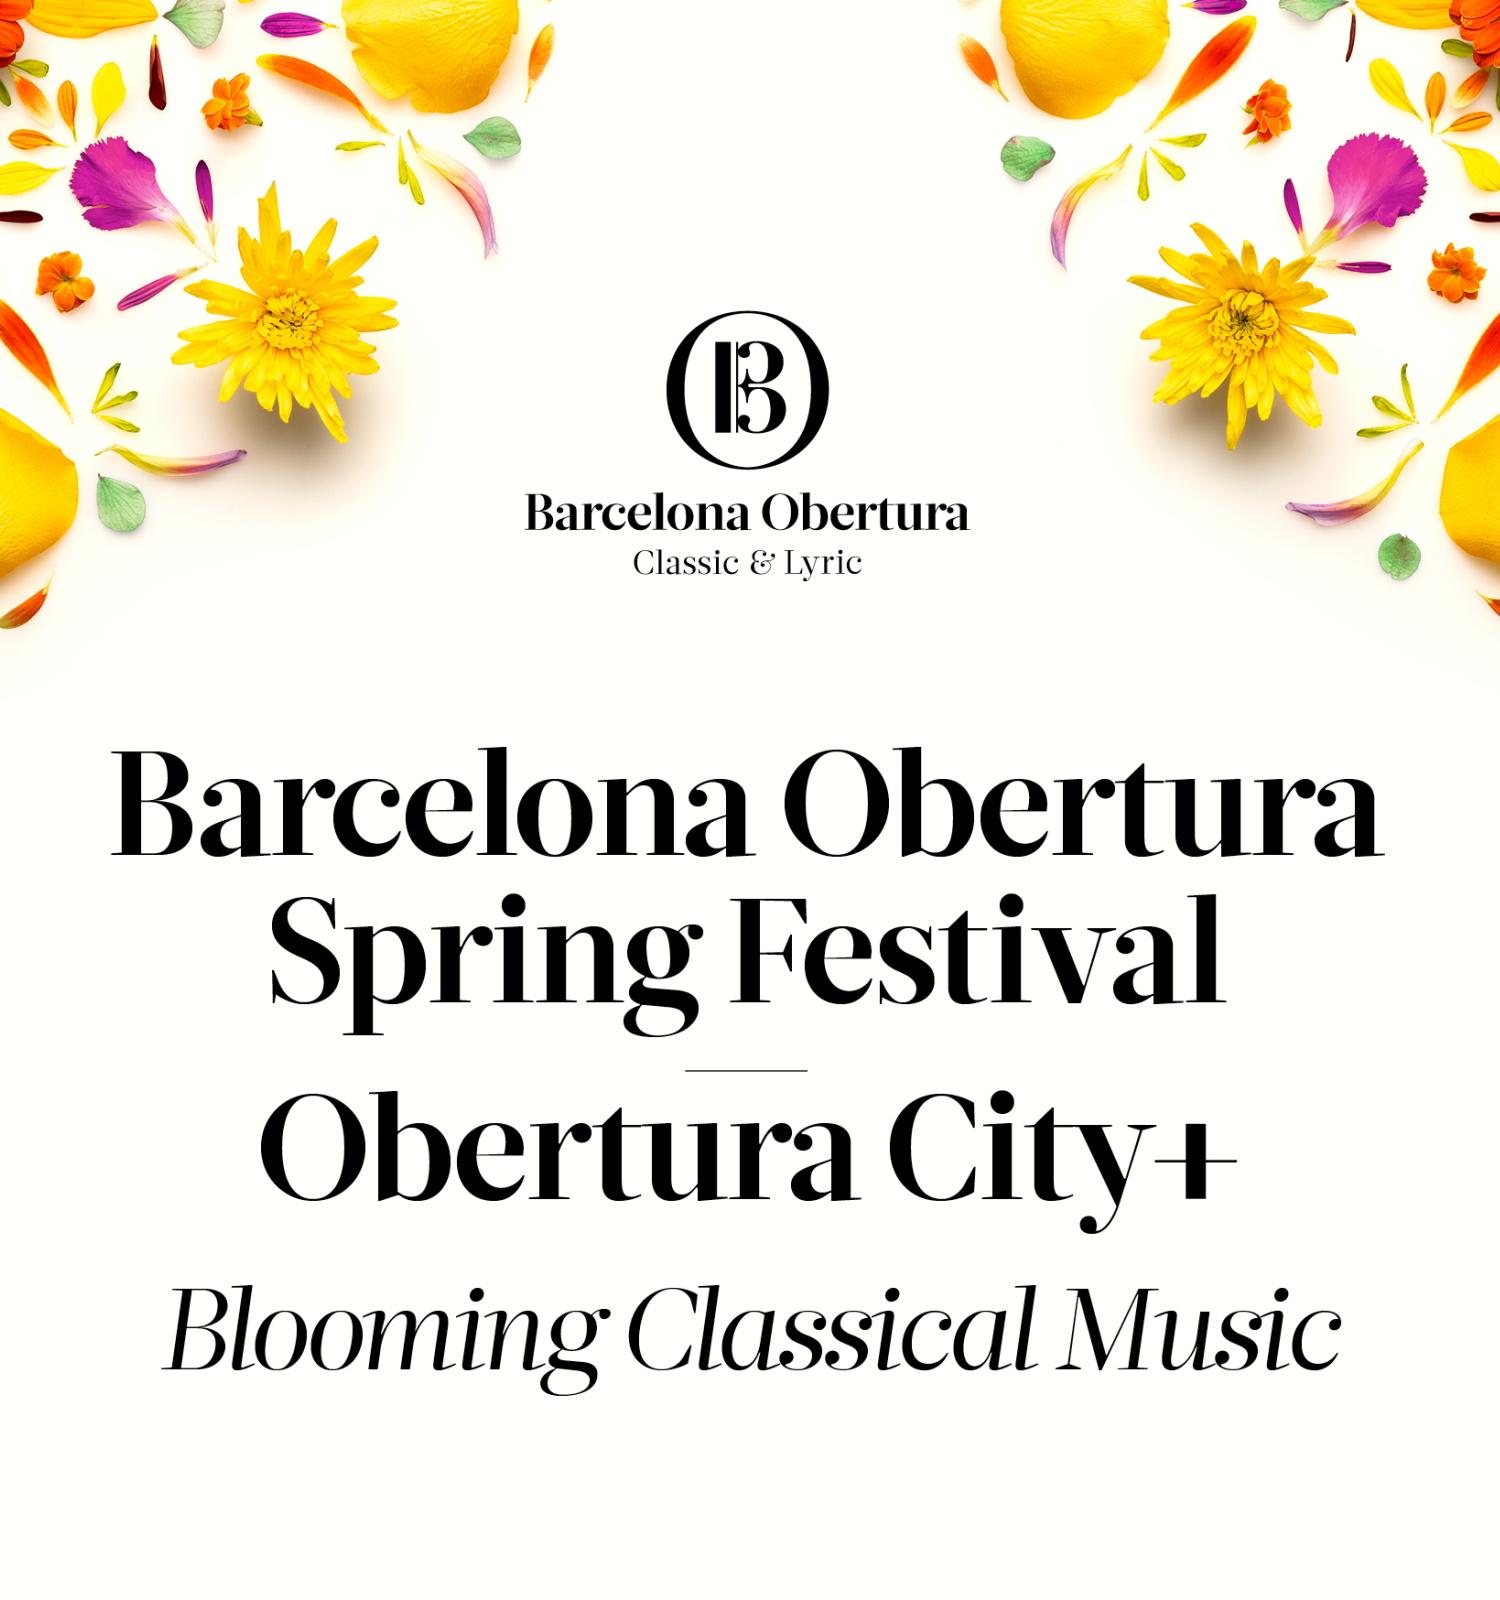 Barcelona Obertura Spring Festival